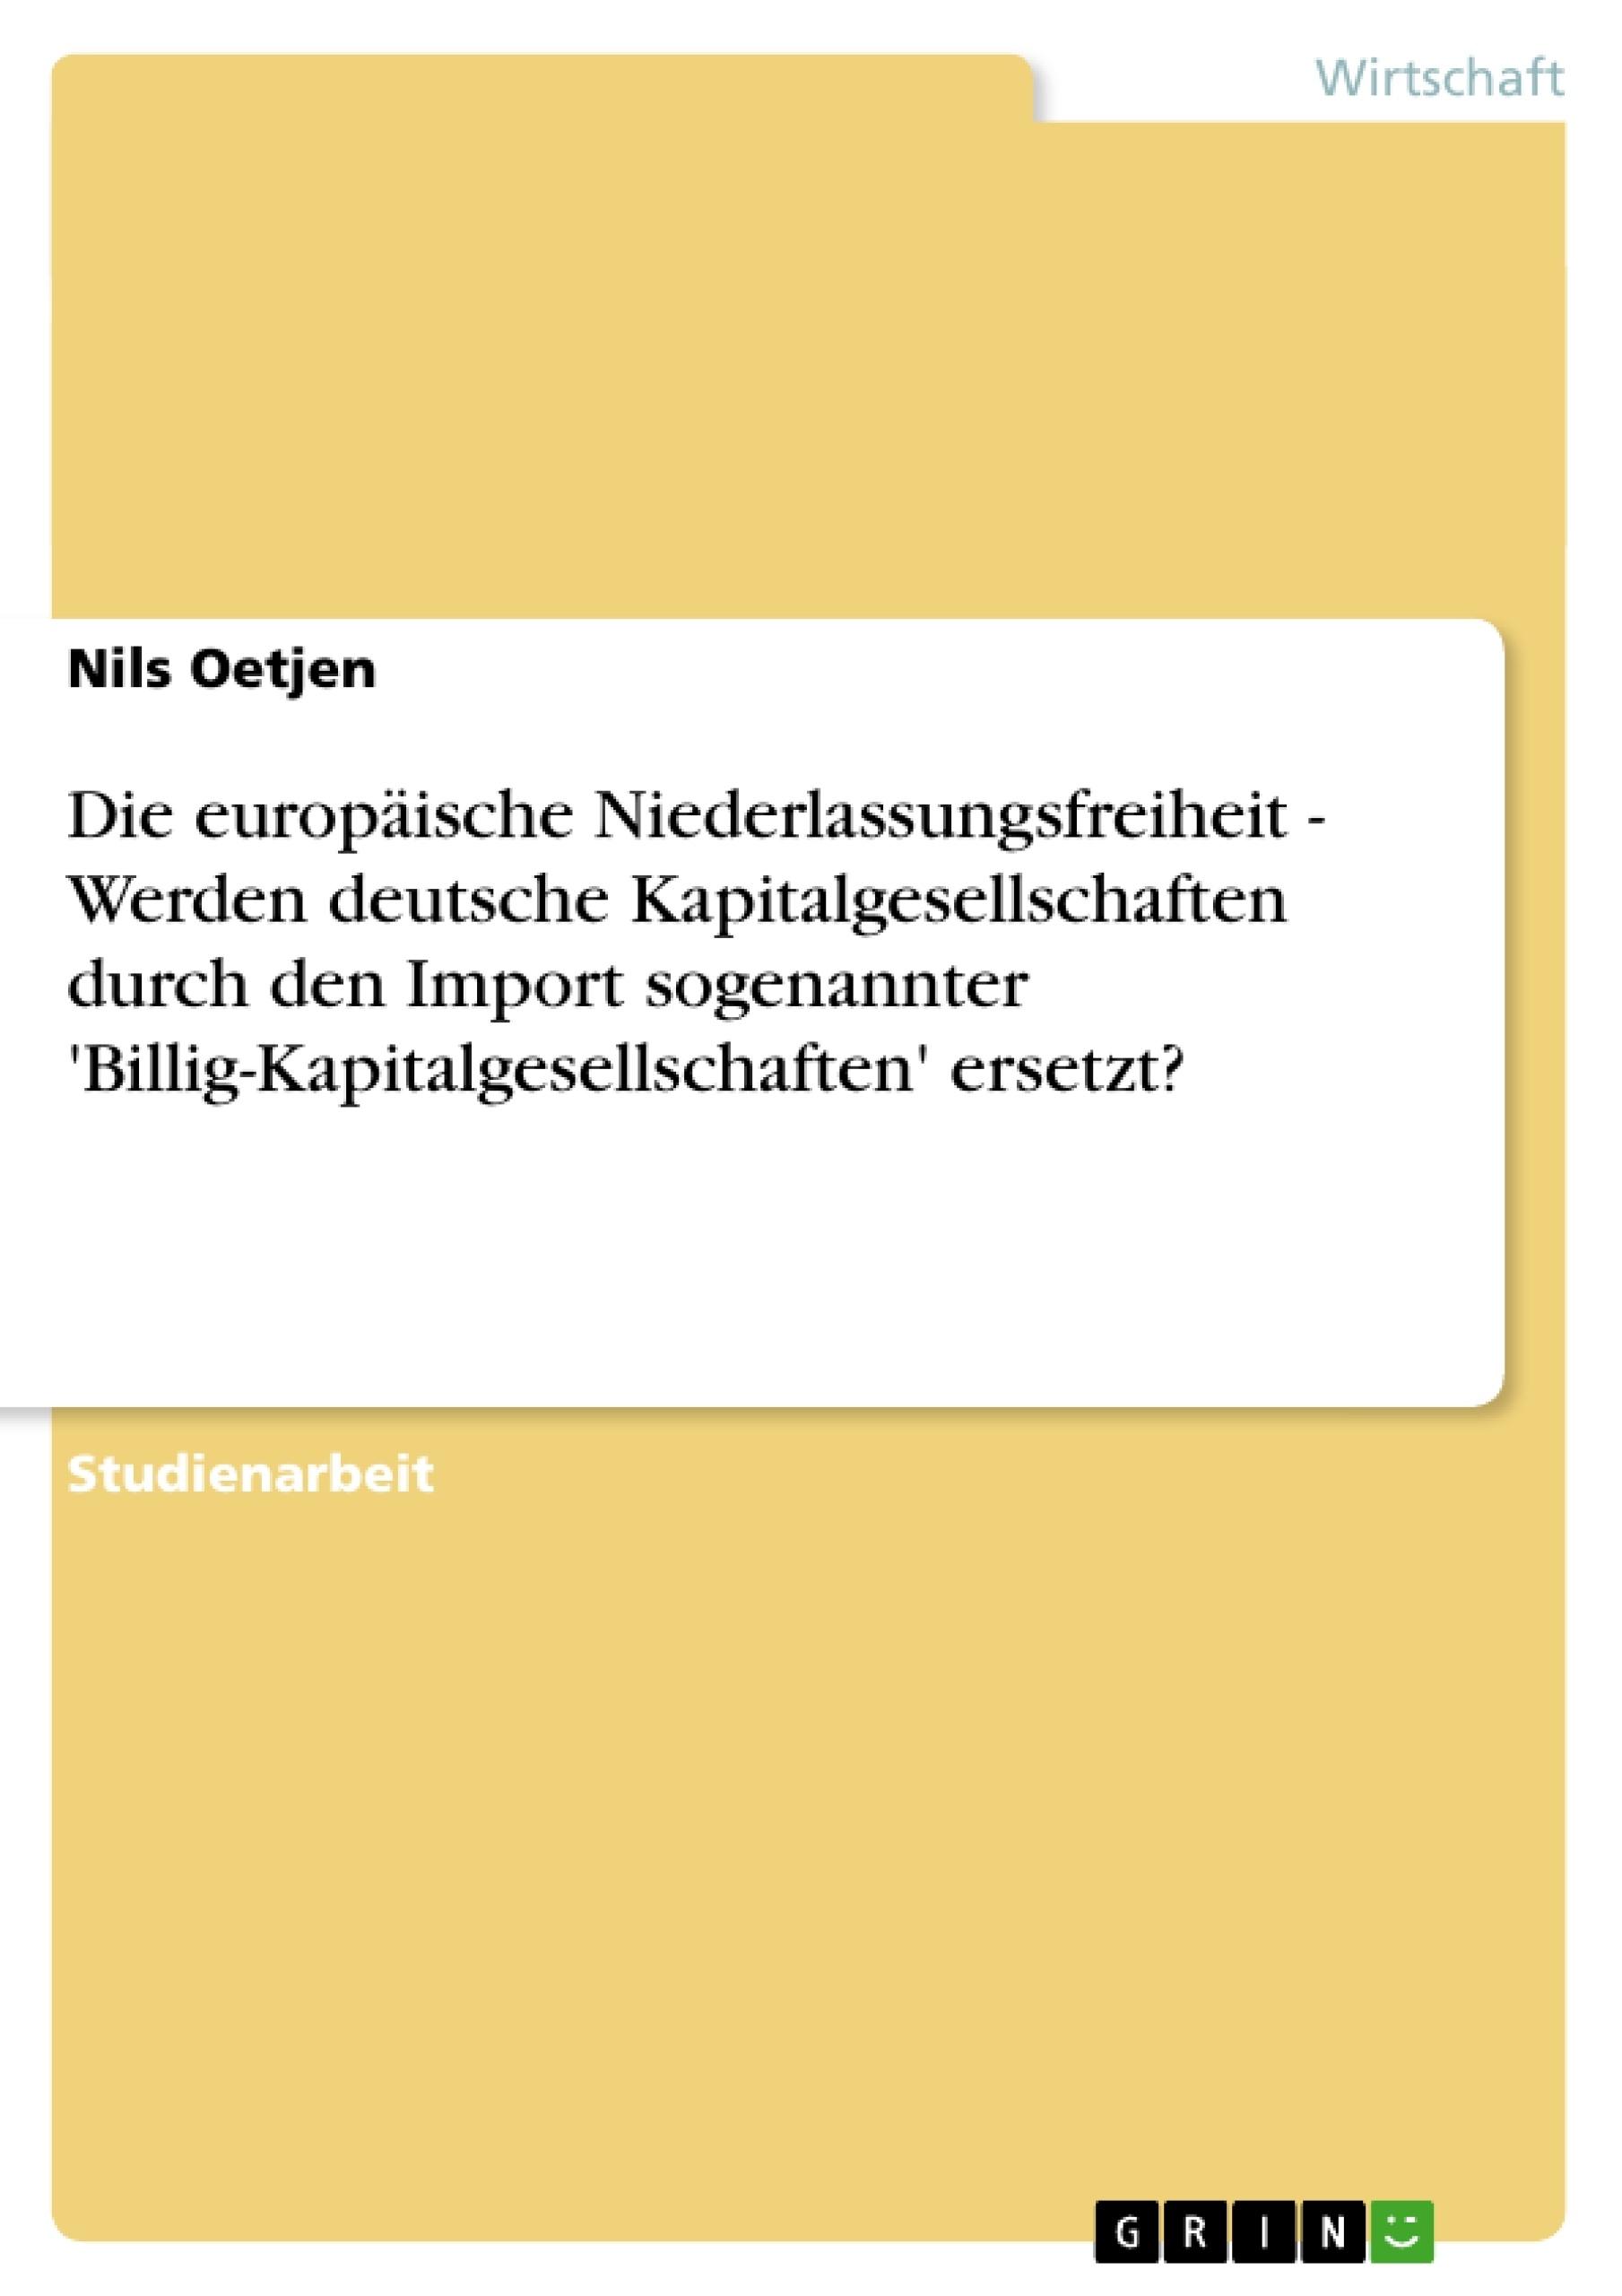 Titel: Die europäische Niederlassungsfreiheit - Werden deutsche Kapitalgesellschaften durch den Import sogenannter 'Billig-Kapitalgesellschaften' ersetzt?